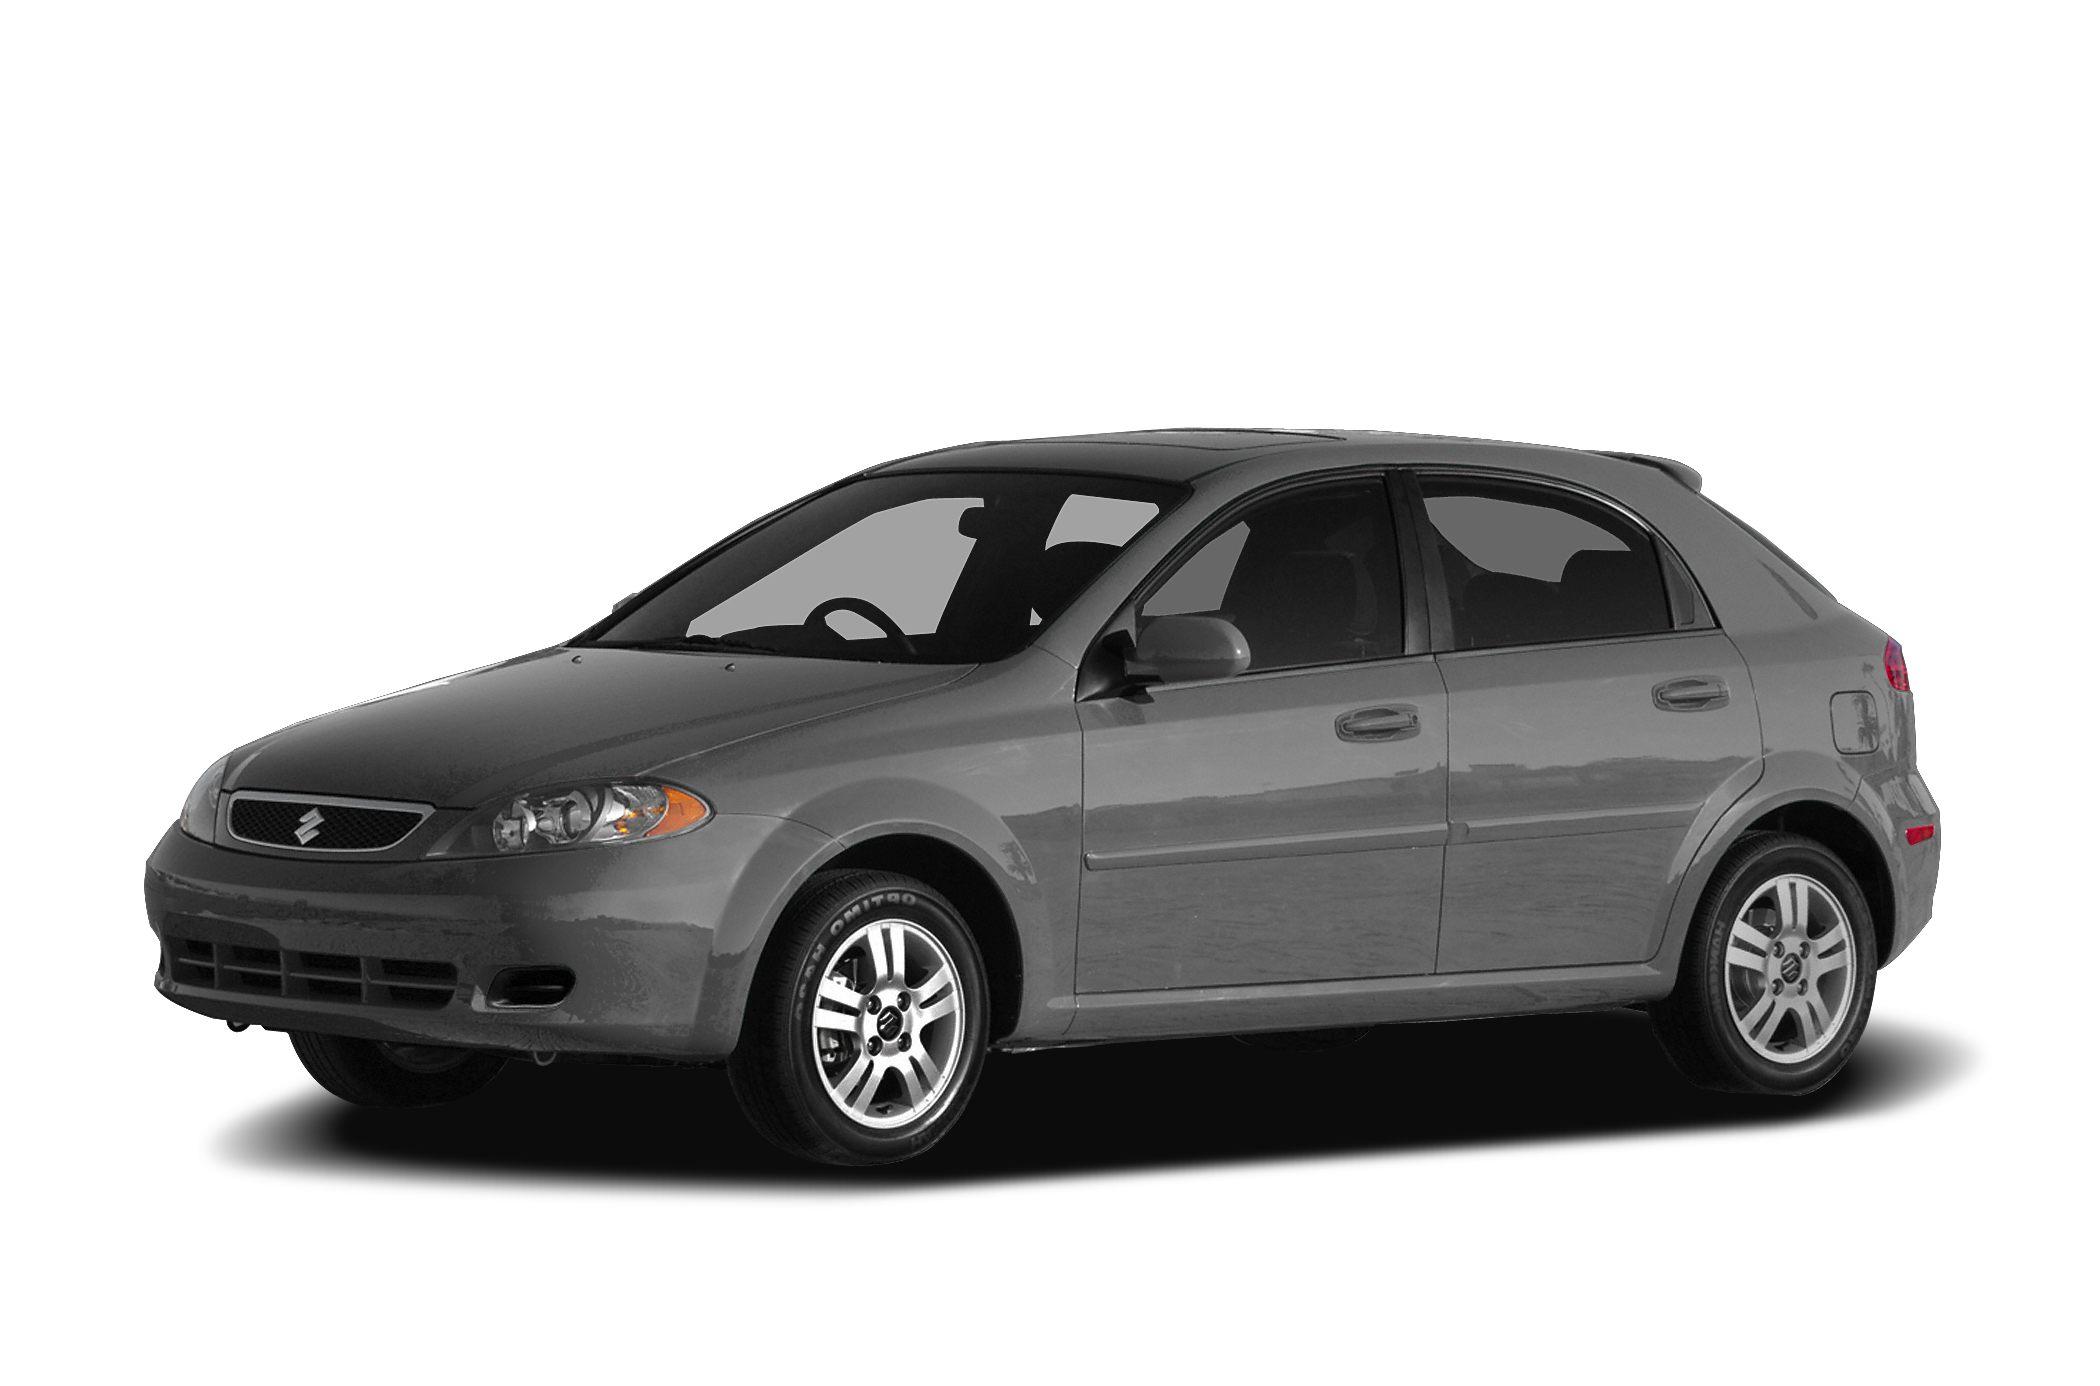 2007 Suzuki Reno Hatchback for sale in Aurora for $8,995 with 75,465 miles.